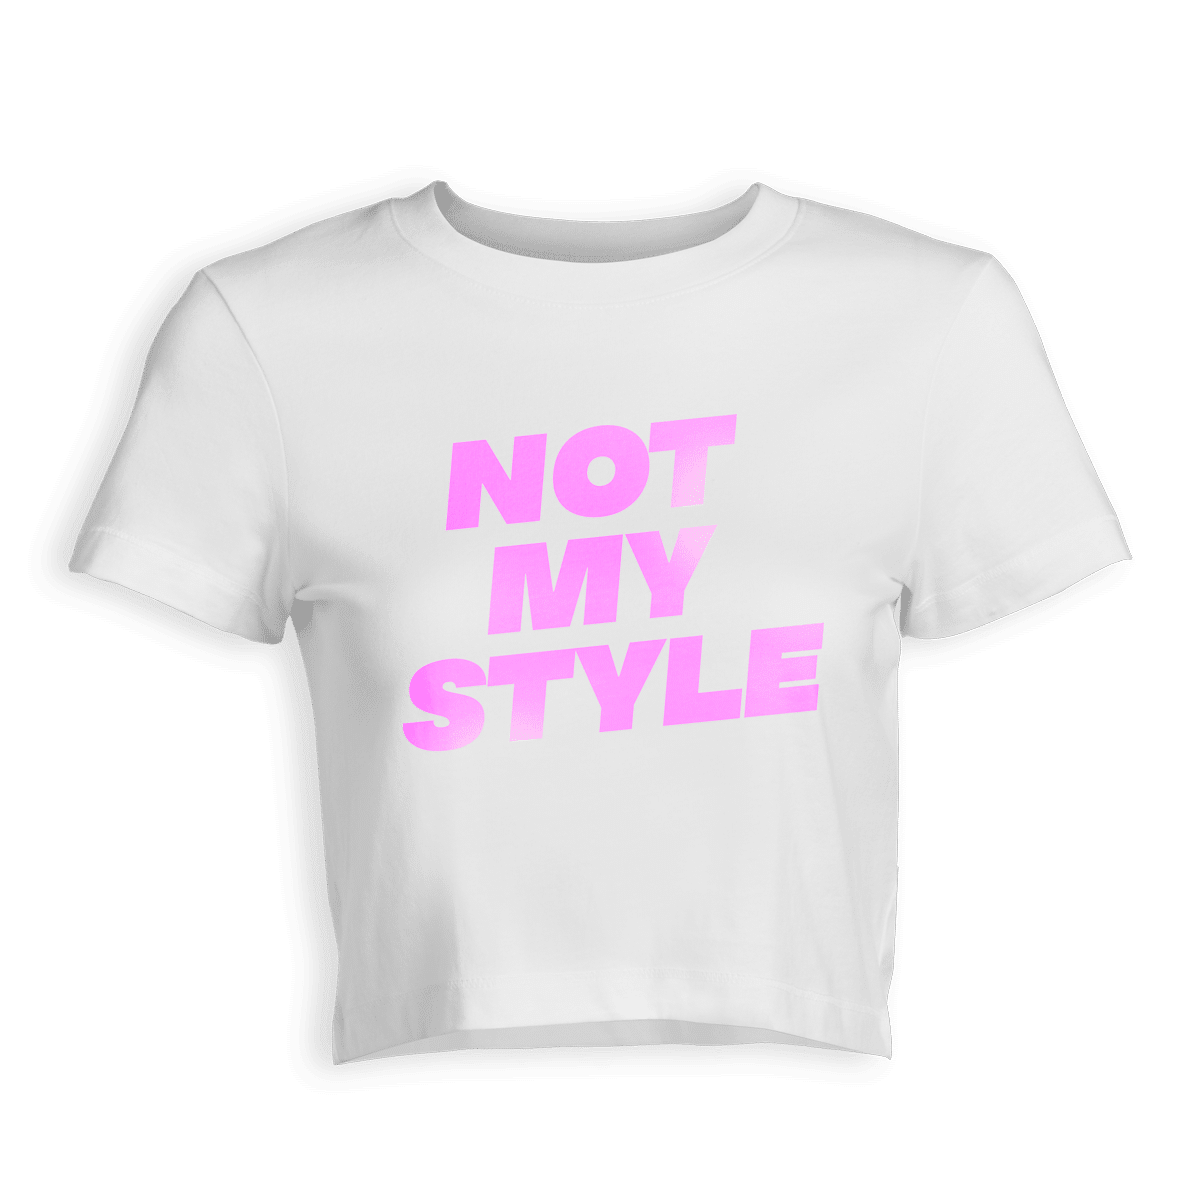 Weißes Cropped Shirt mit pinkem Aufdruck